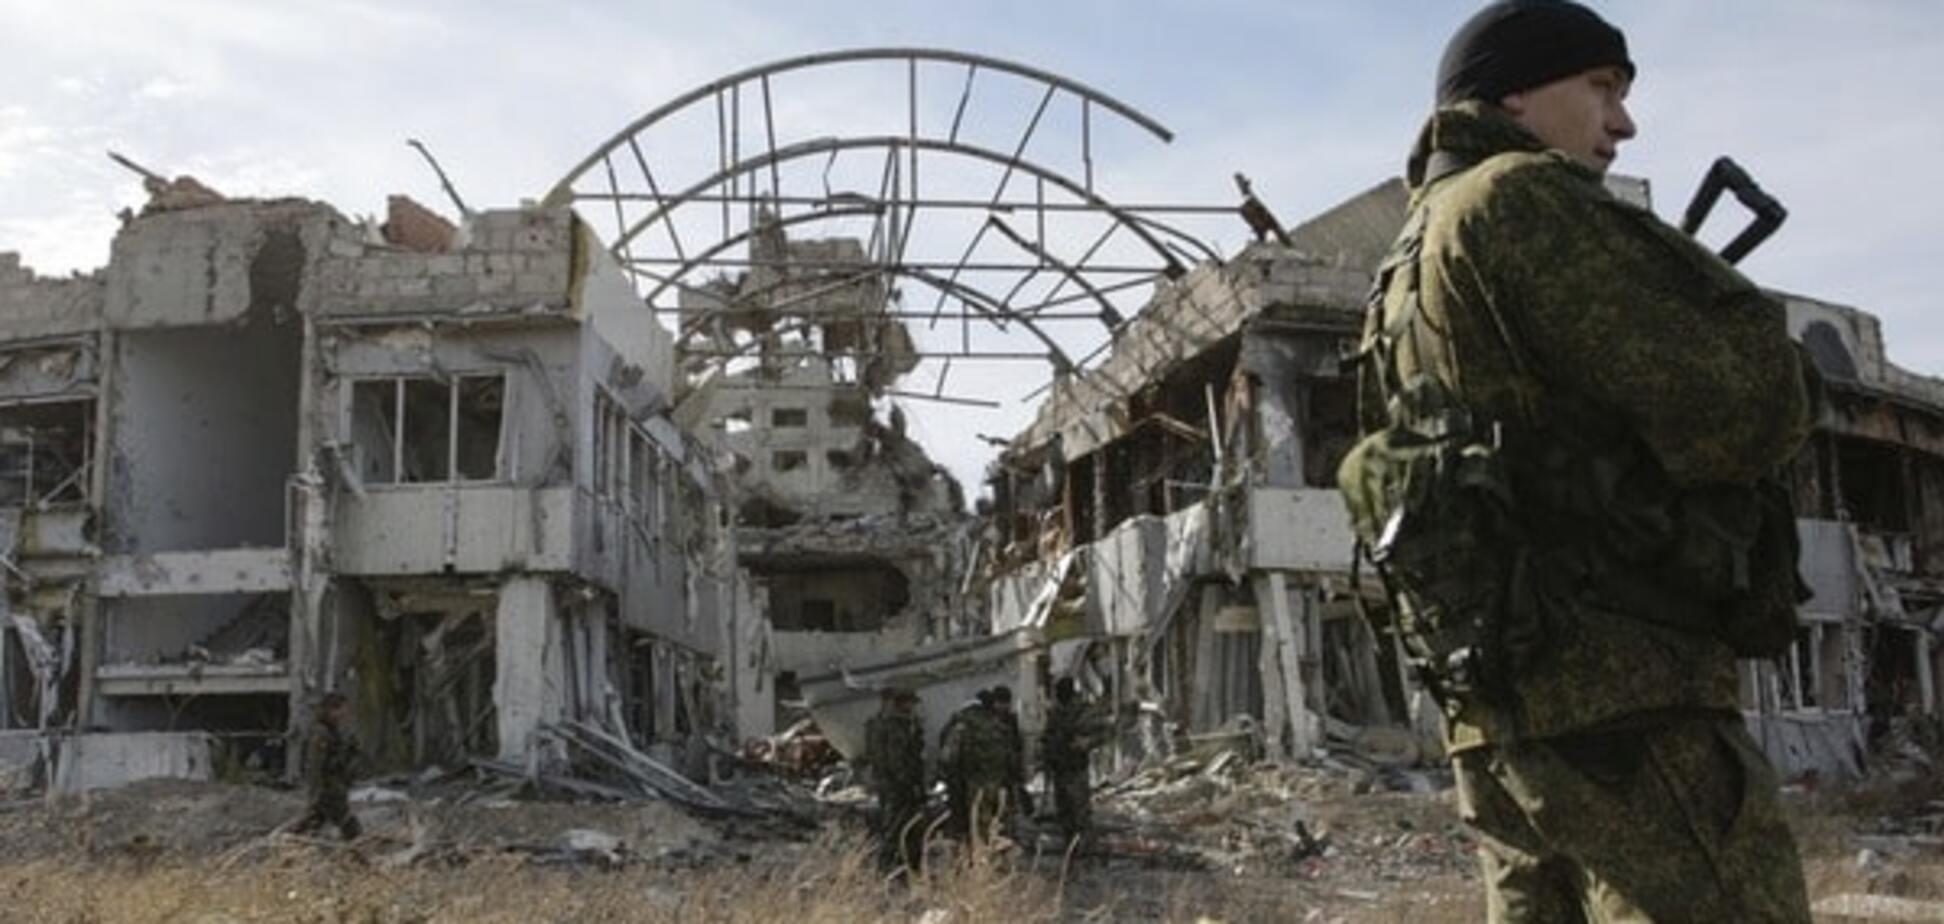 'Упоротый' террорист едва не взорвал собственное подразделение на Донбассе - разведка